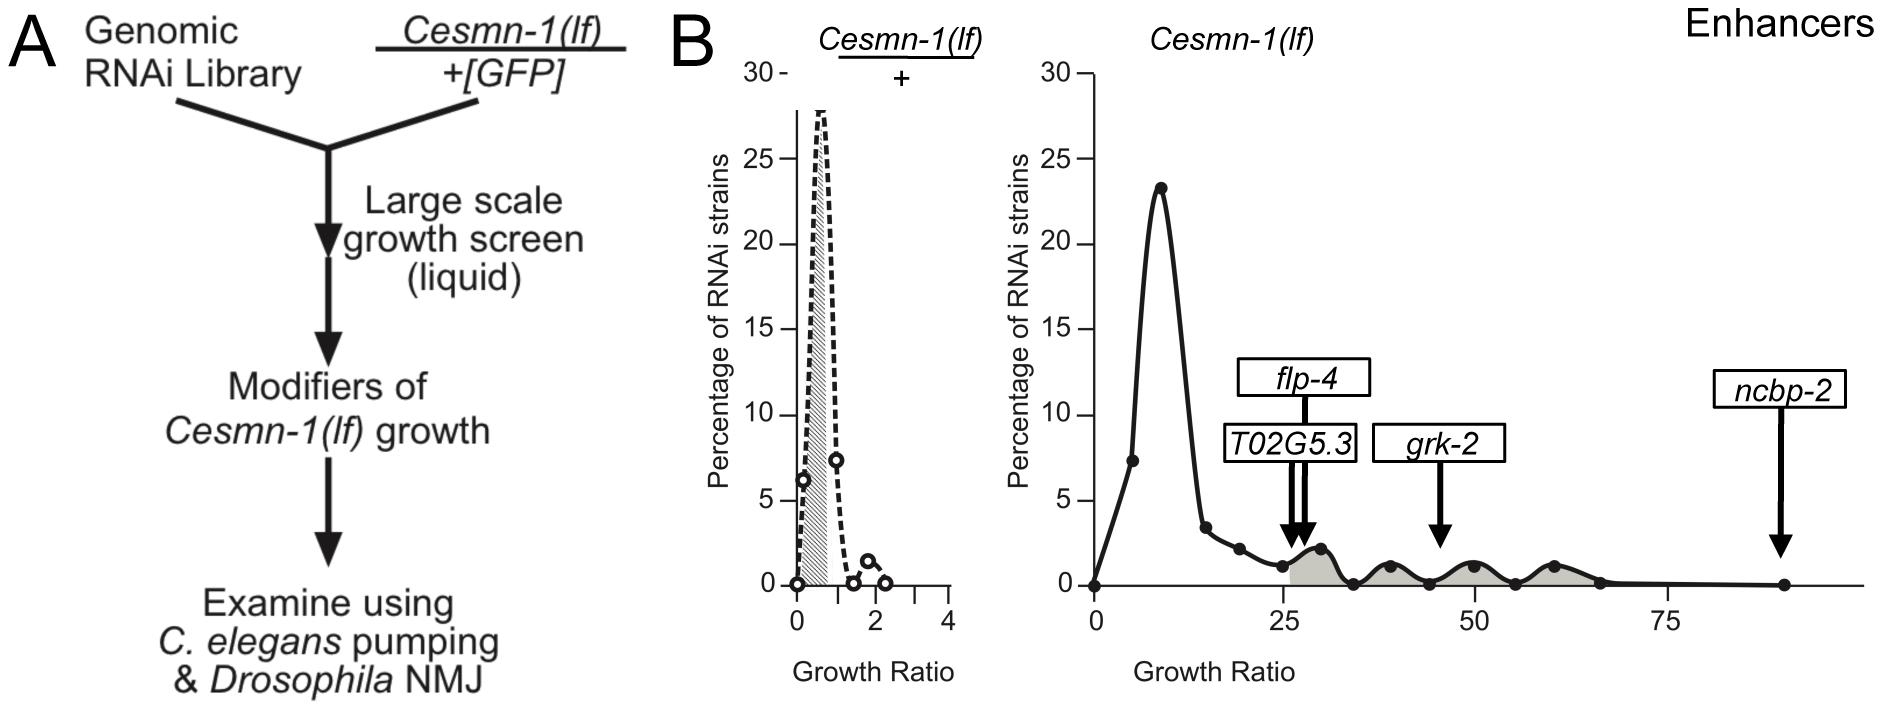 Genome-wide RNAi screen for <i>Cesmn-1(lf)</i> modifier genes.